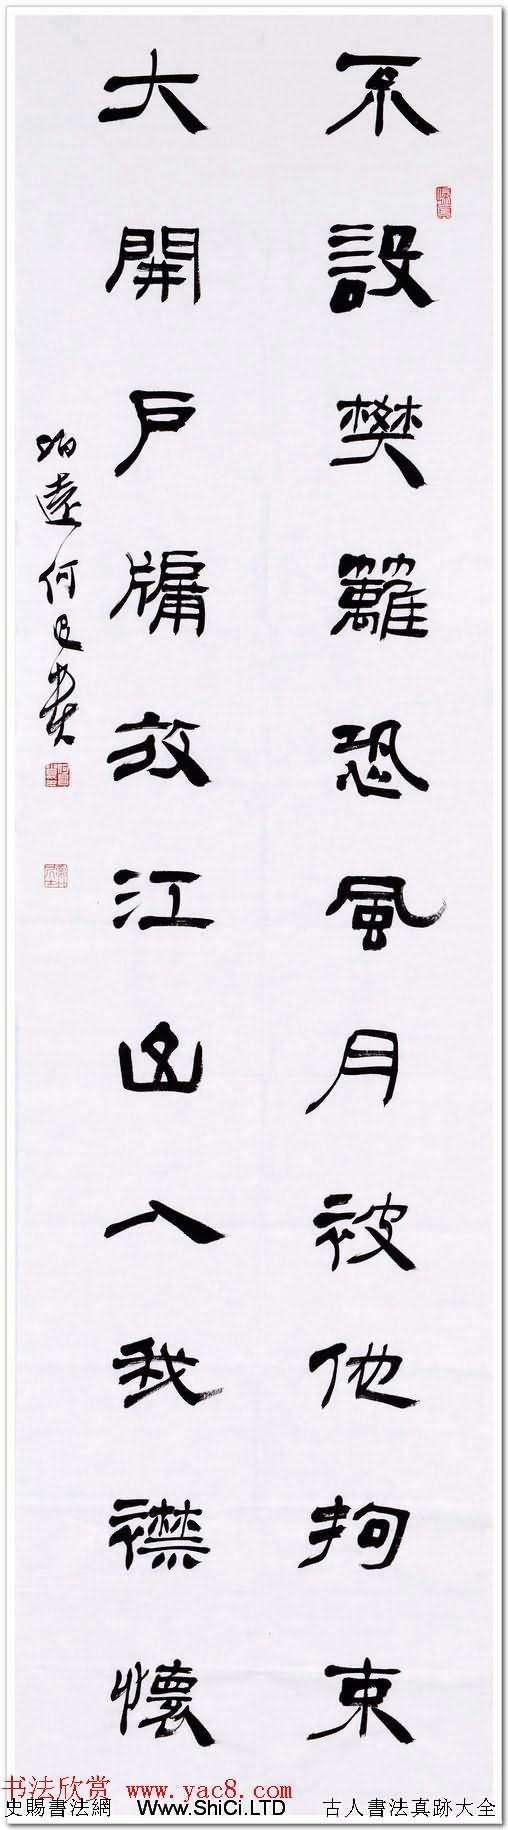 何昌貴隸書作品真跡欣賞(共13張圖片)